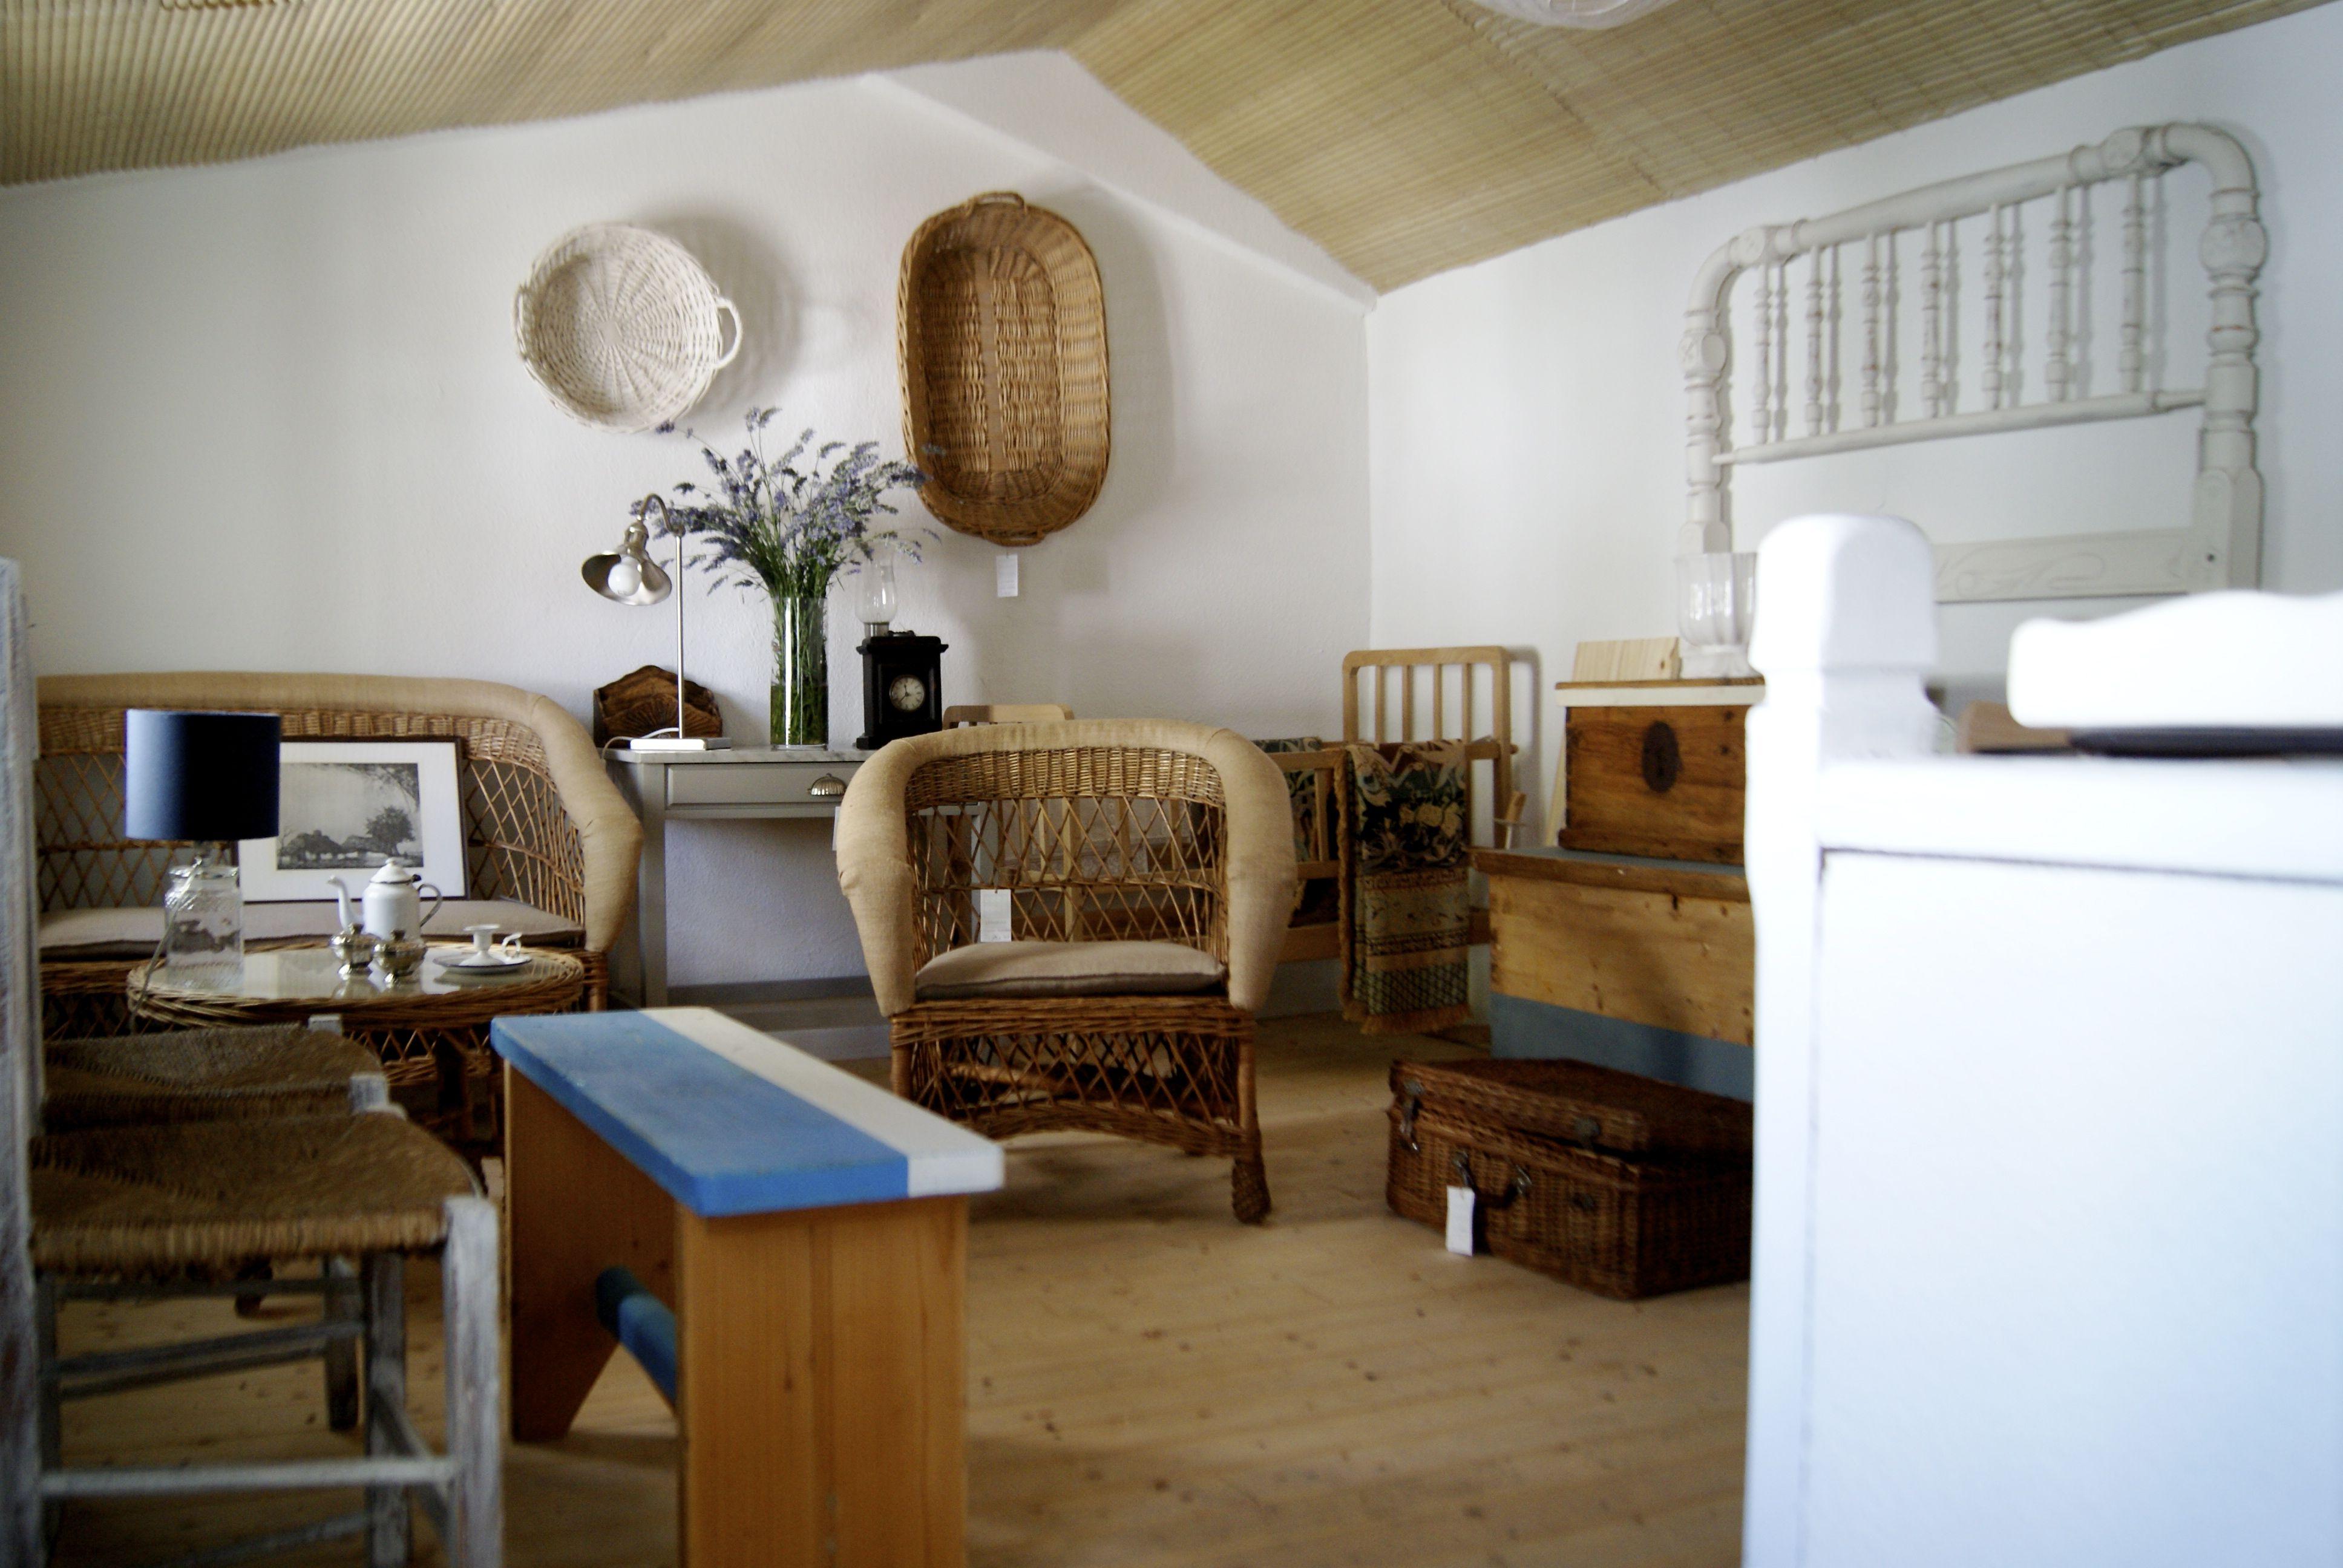 Muebles de mimbre y madera tratada en tonos tierra y azules.